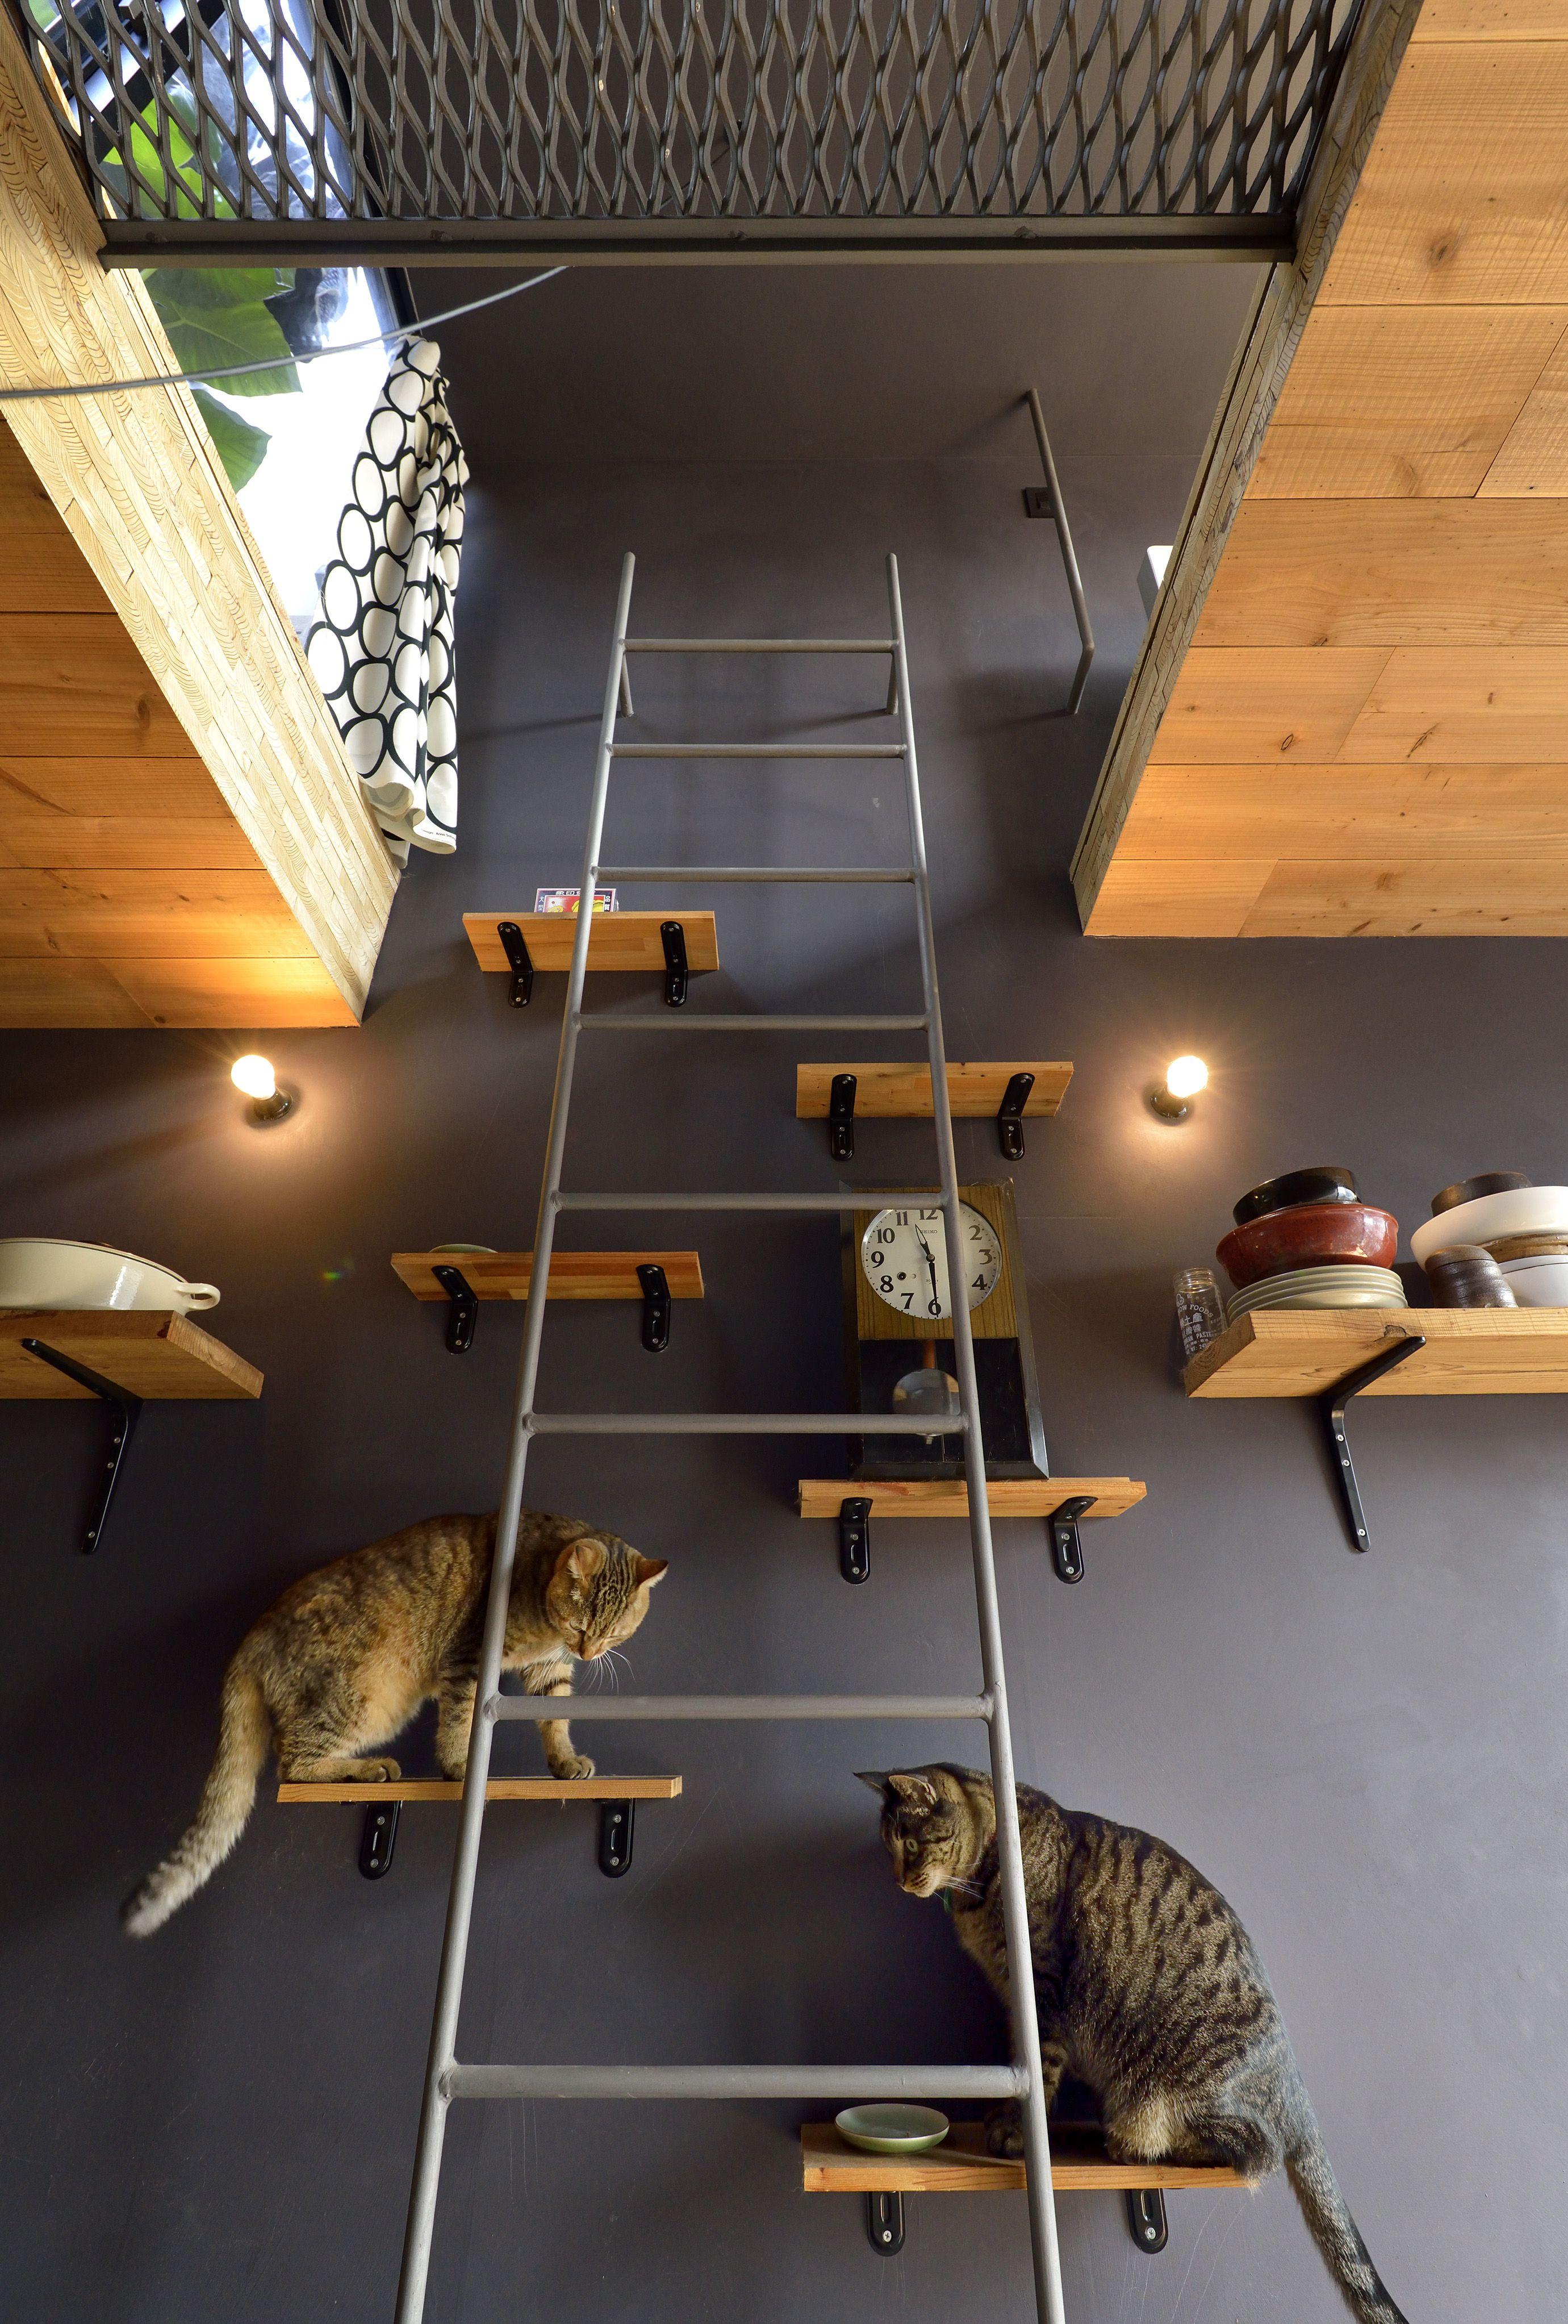 注文住宅事例 家まるごとキャットタワー 狭小住宅でもネコ3匹と暮らすアイデアとは Sumai 日刊住まい キャットツリー キャットタワー ねこ インテリア